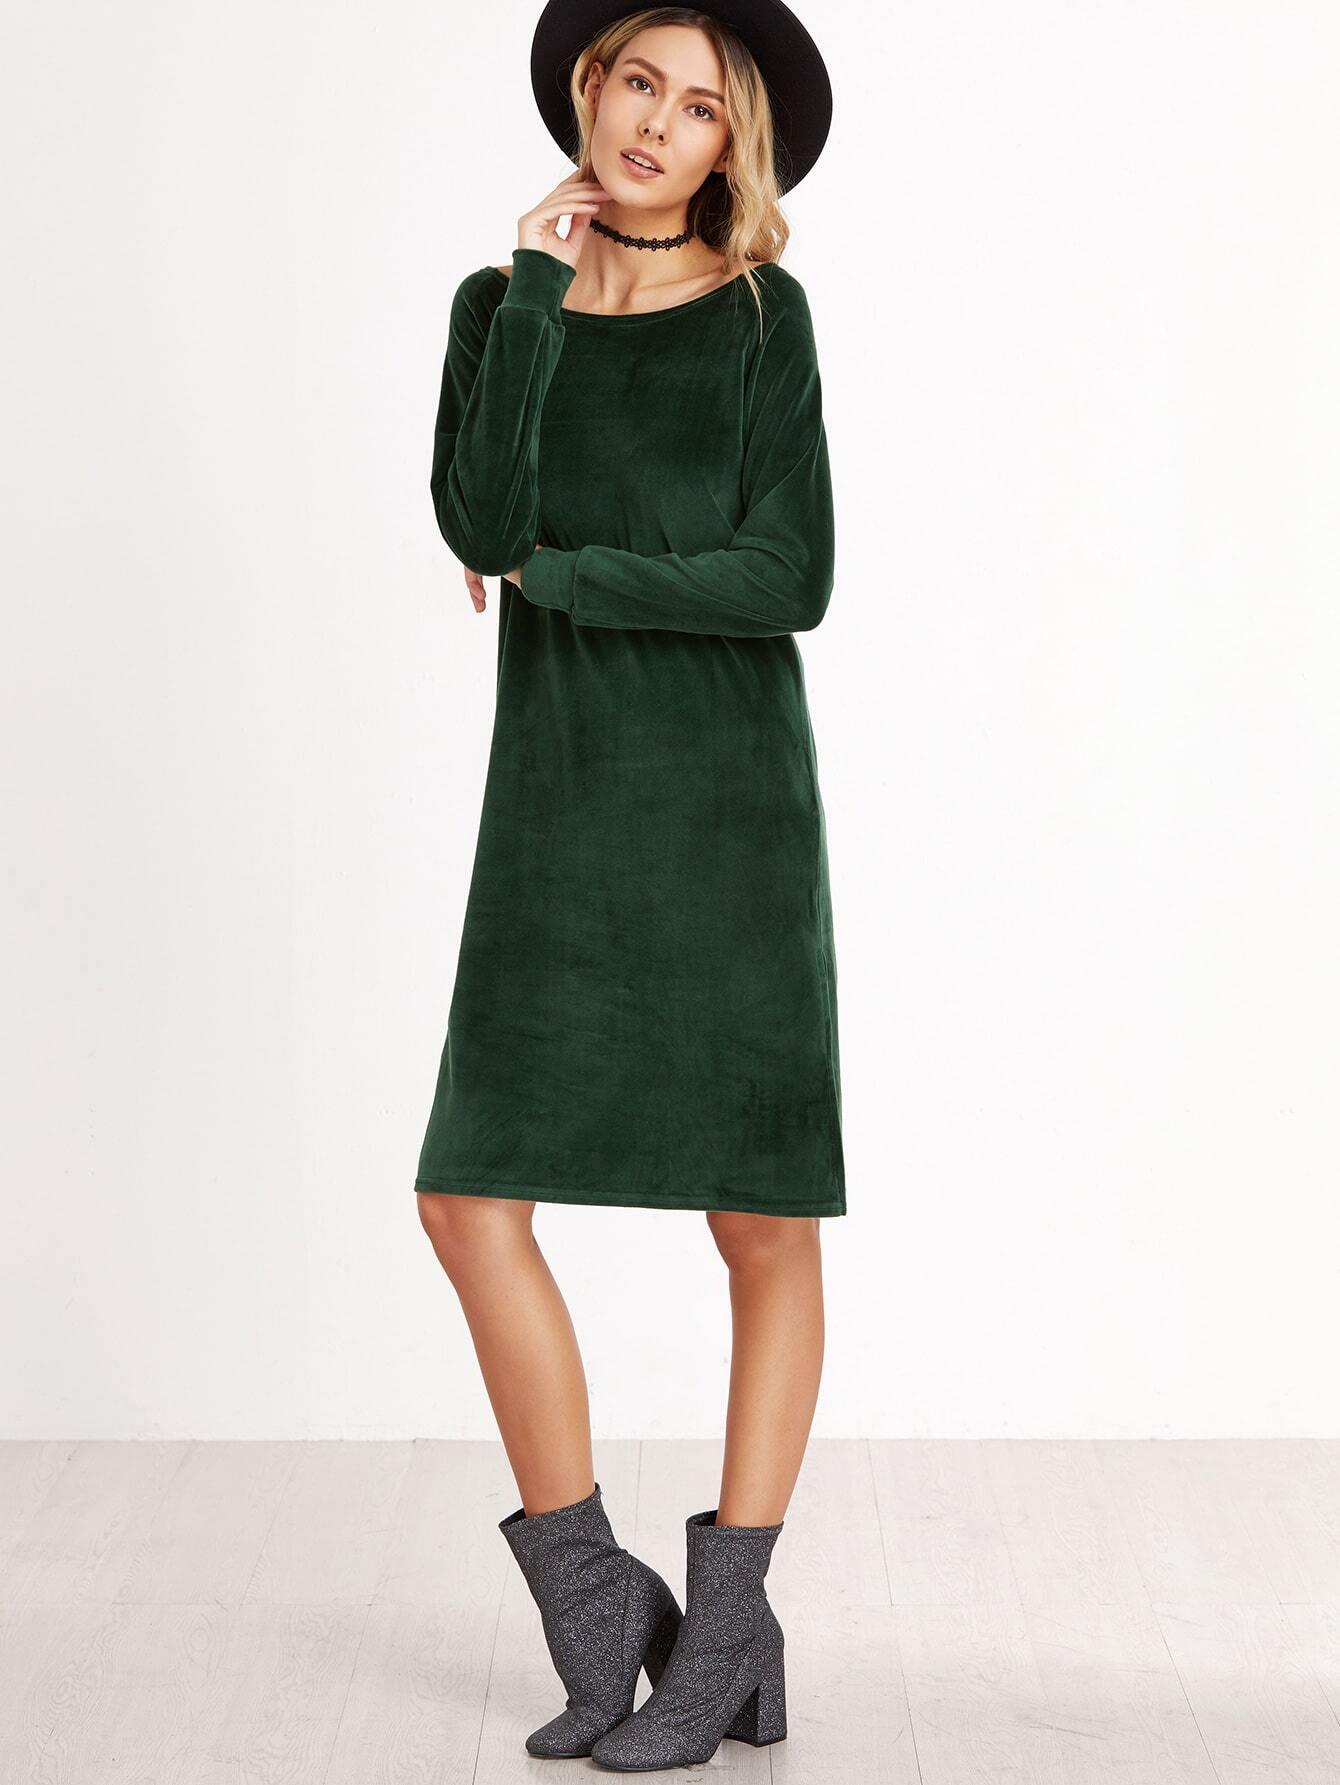 Kleid langarm Samt Schlitz Seitlich-dunkel grün | ROMWE